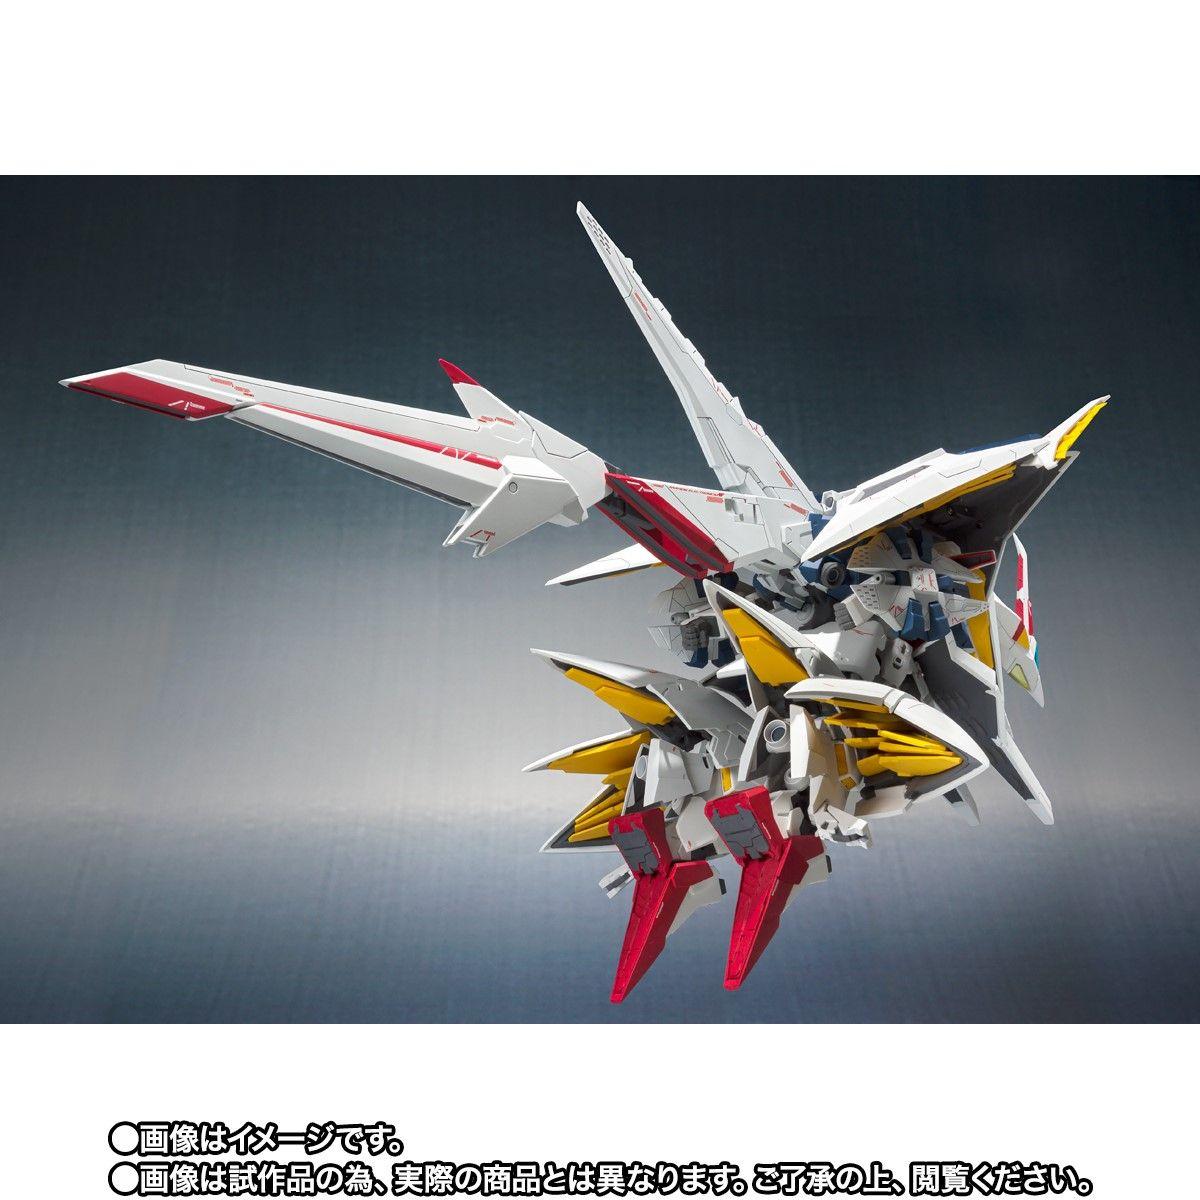 【限定販売】ROBOT魂 Ka signature〈SIDE MS〉『ペーネロペー(機動戦士ガンダム 閃光のハサウェイVer.)』可動フィギュア-006